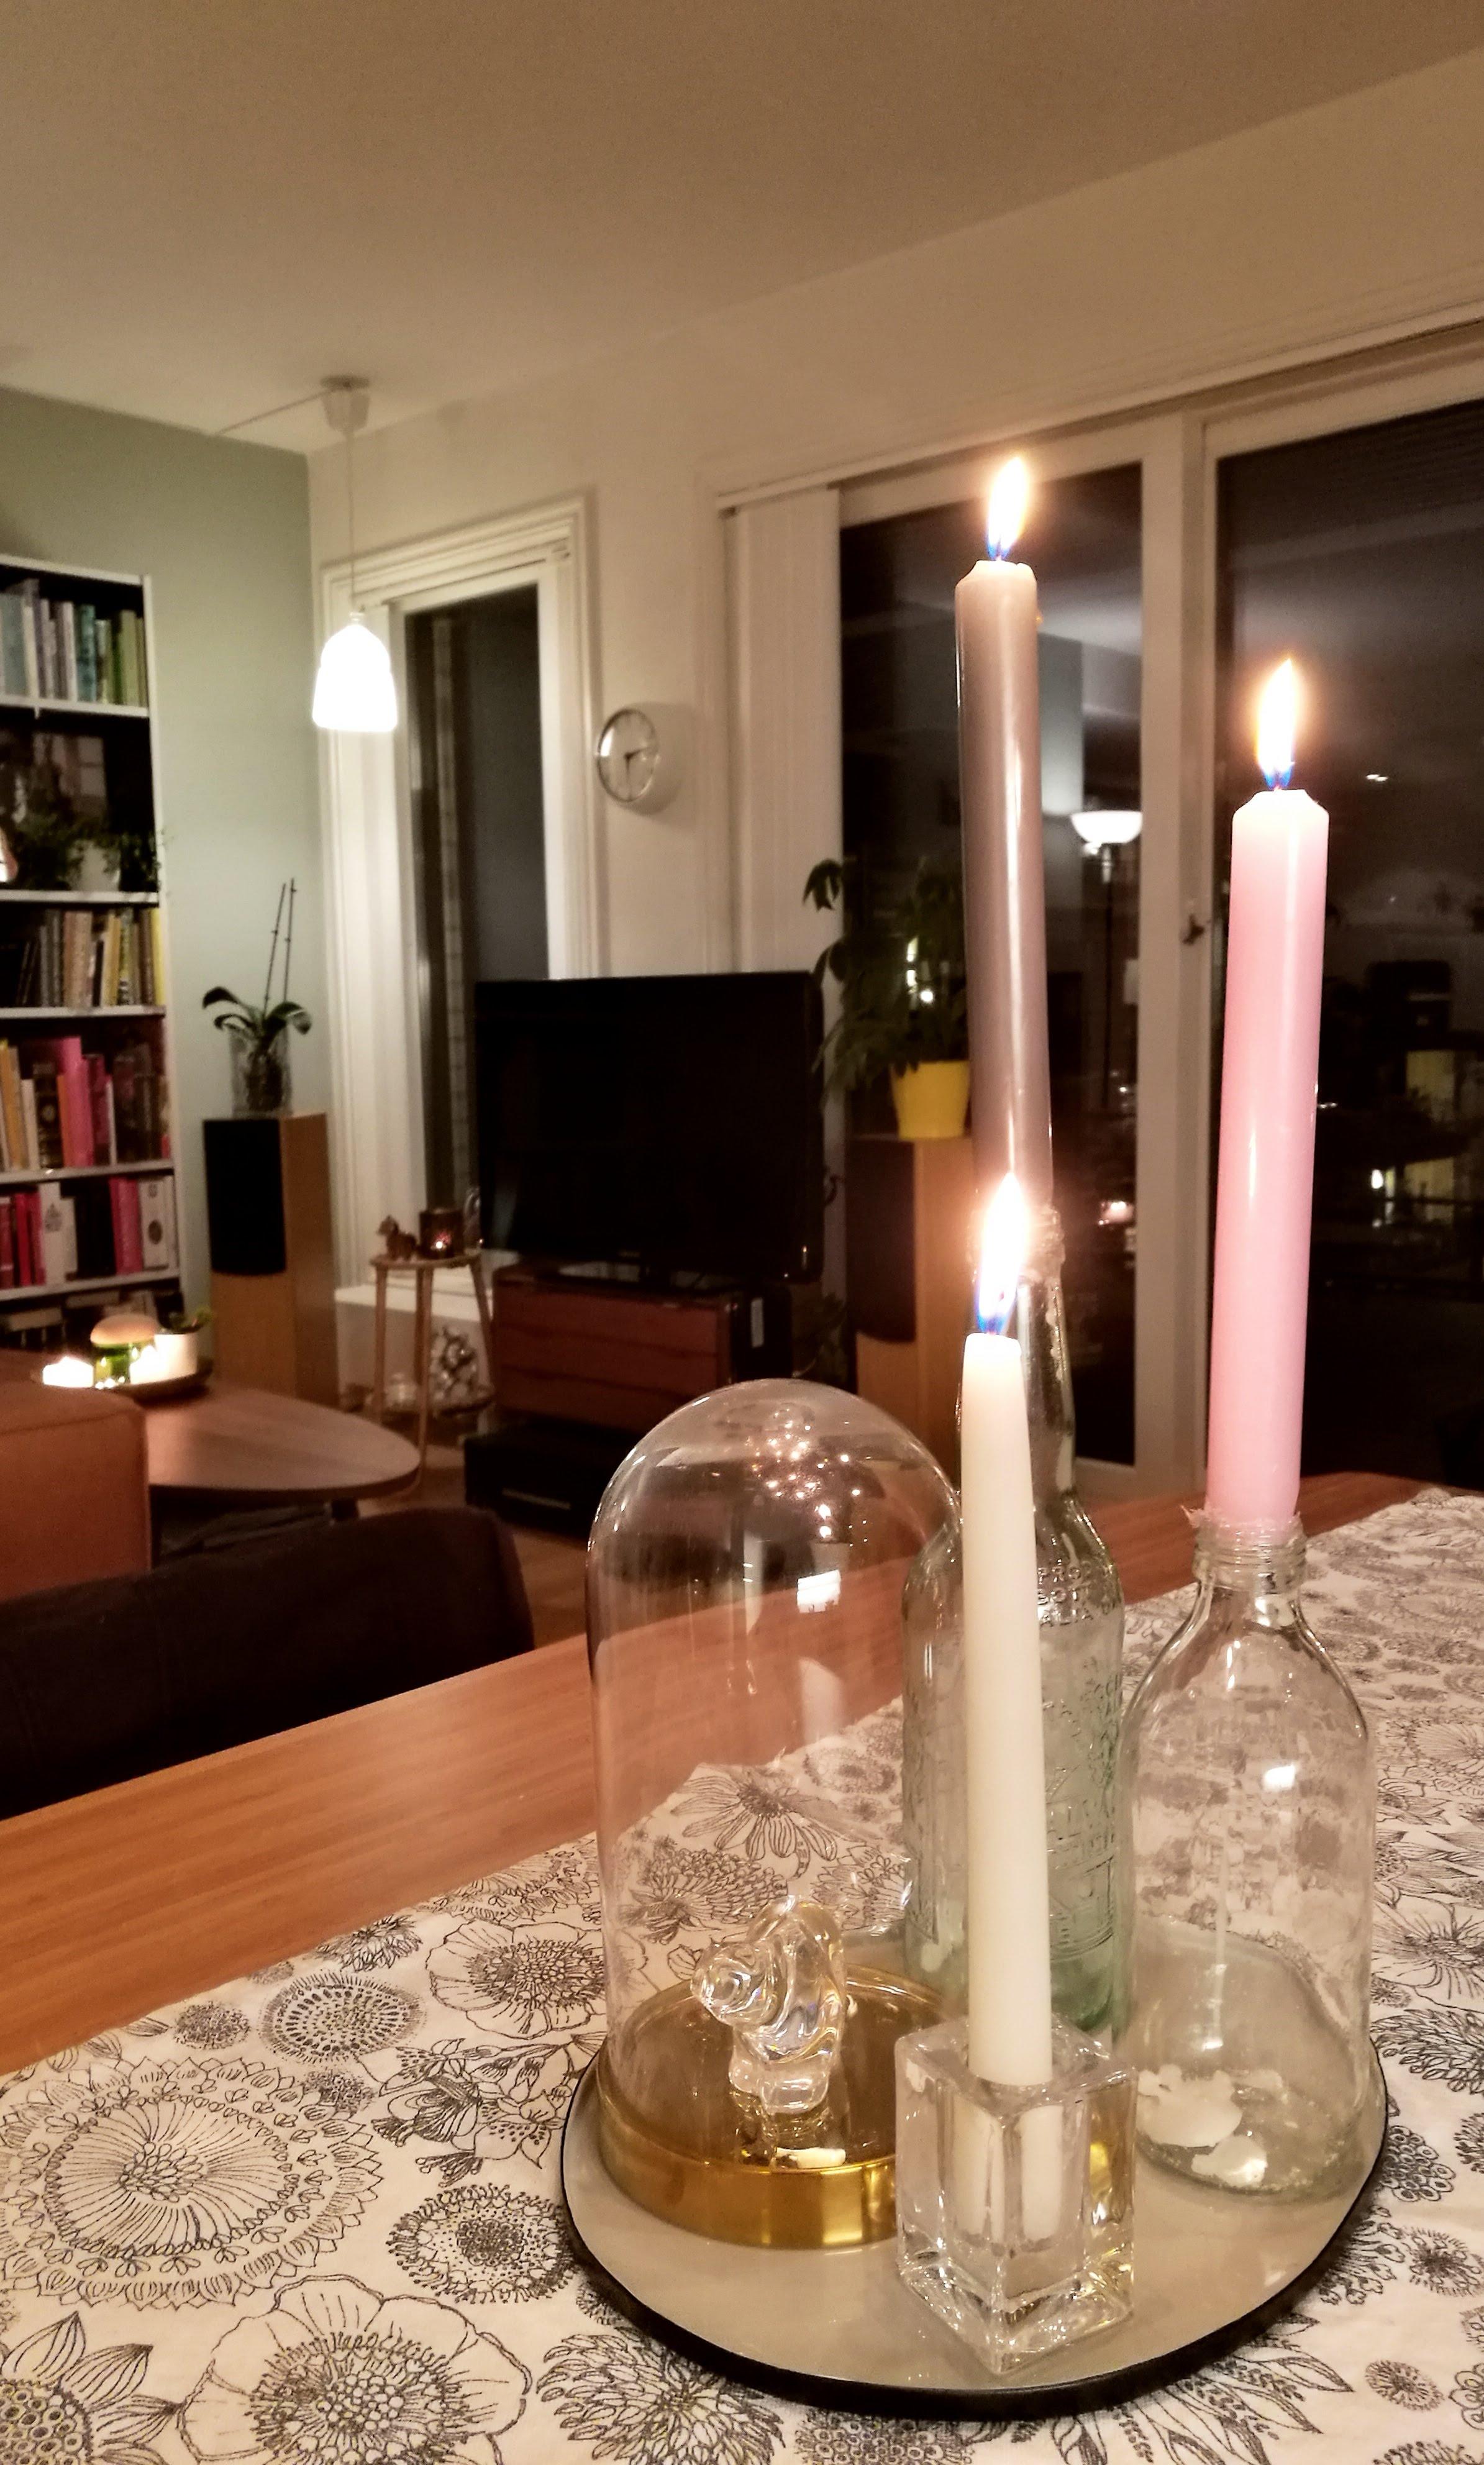 Interiør kan være ganske vanskelig noen ganger, bare å klare å sette sammen tingene man liker på stuebordet så det ser fint ut.